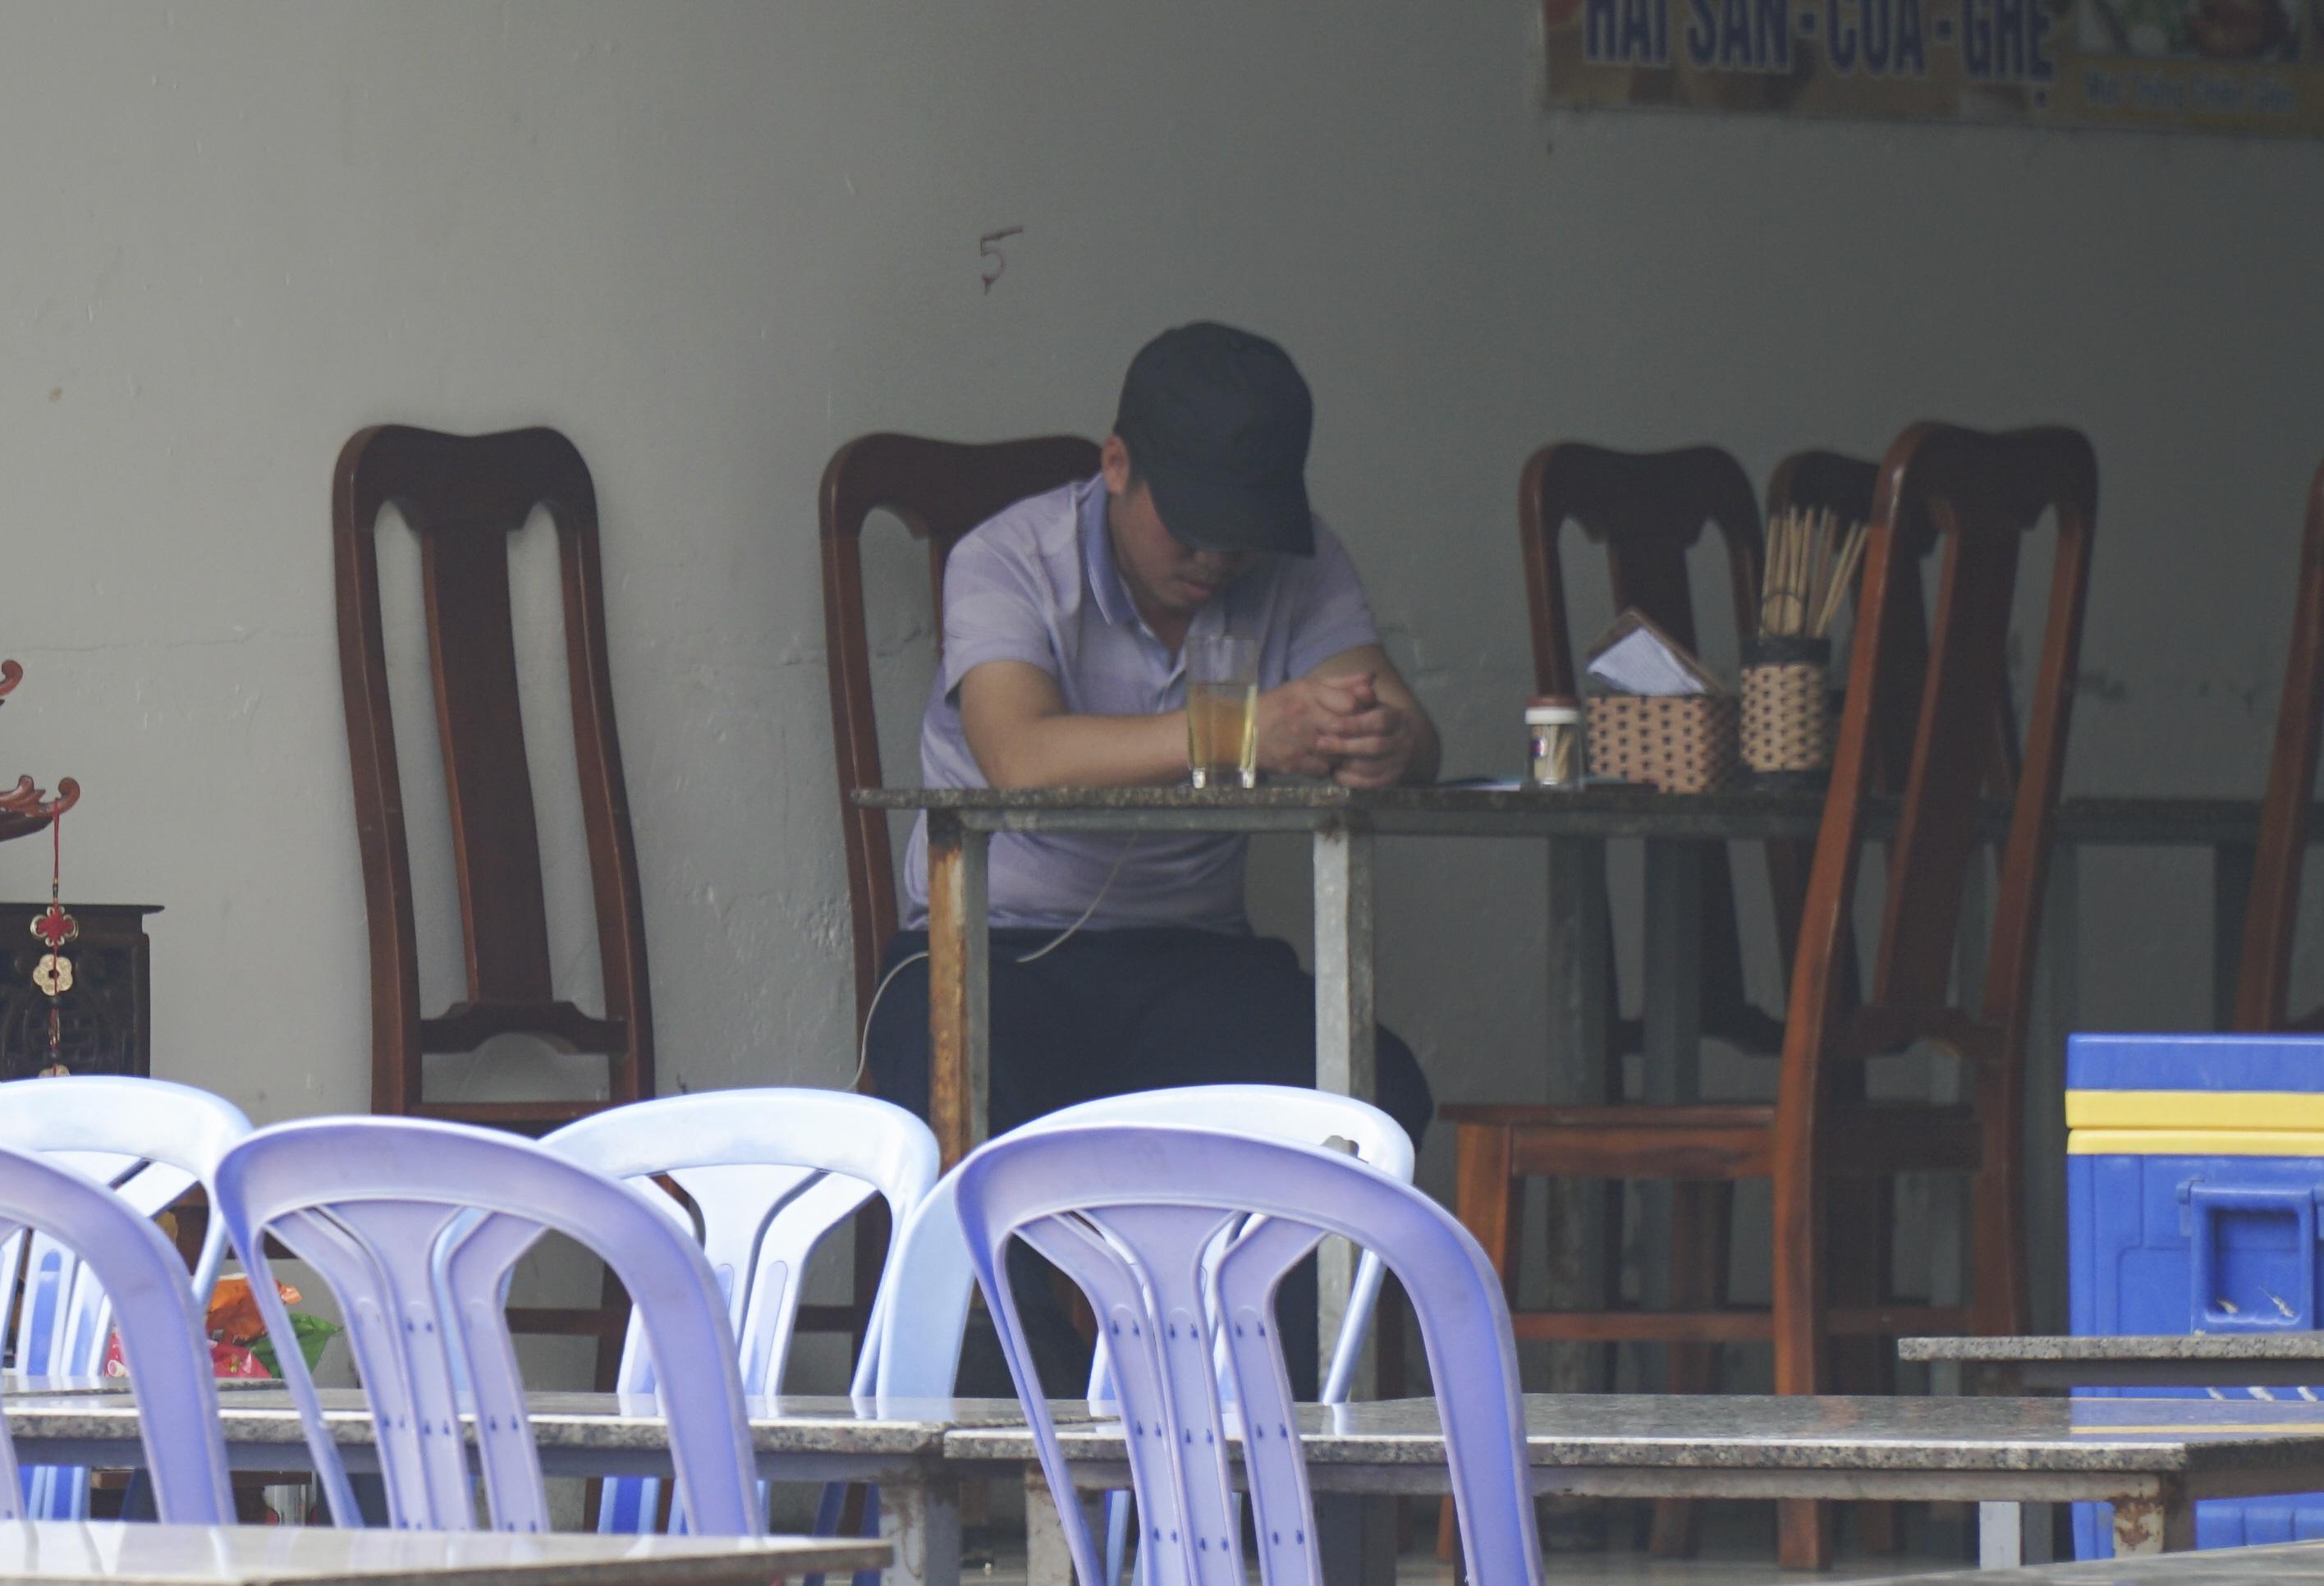 Hà Nội: Quán nhậu đìu hiu vắng khách, thất thu sau Nghị định 100 - 10